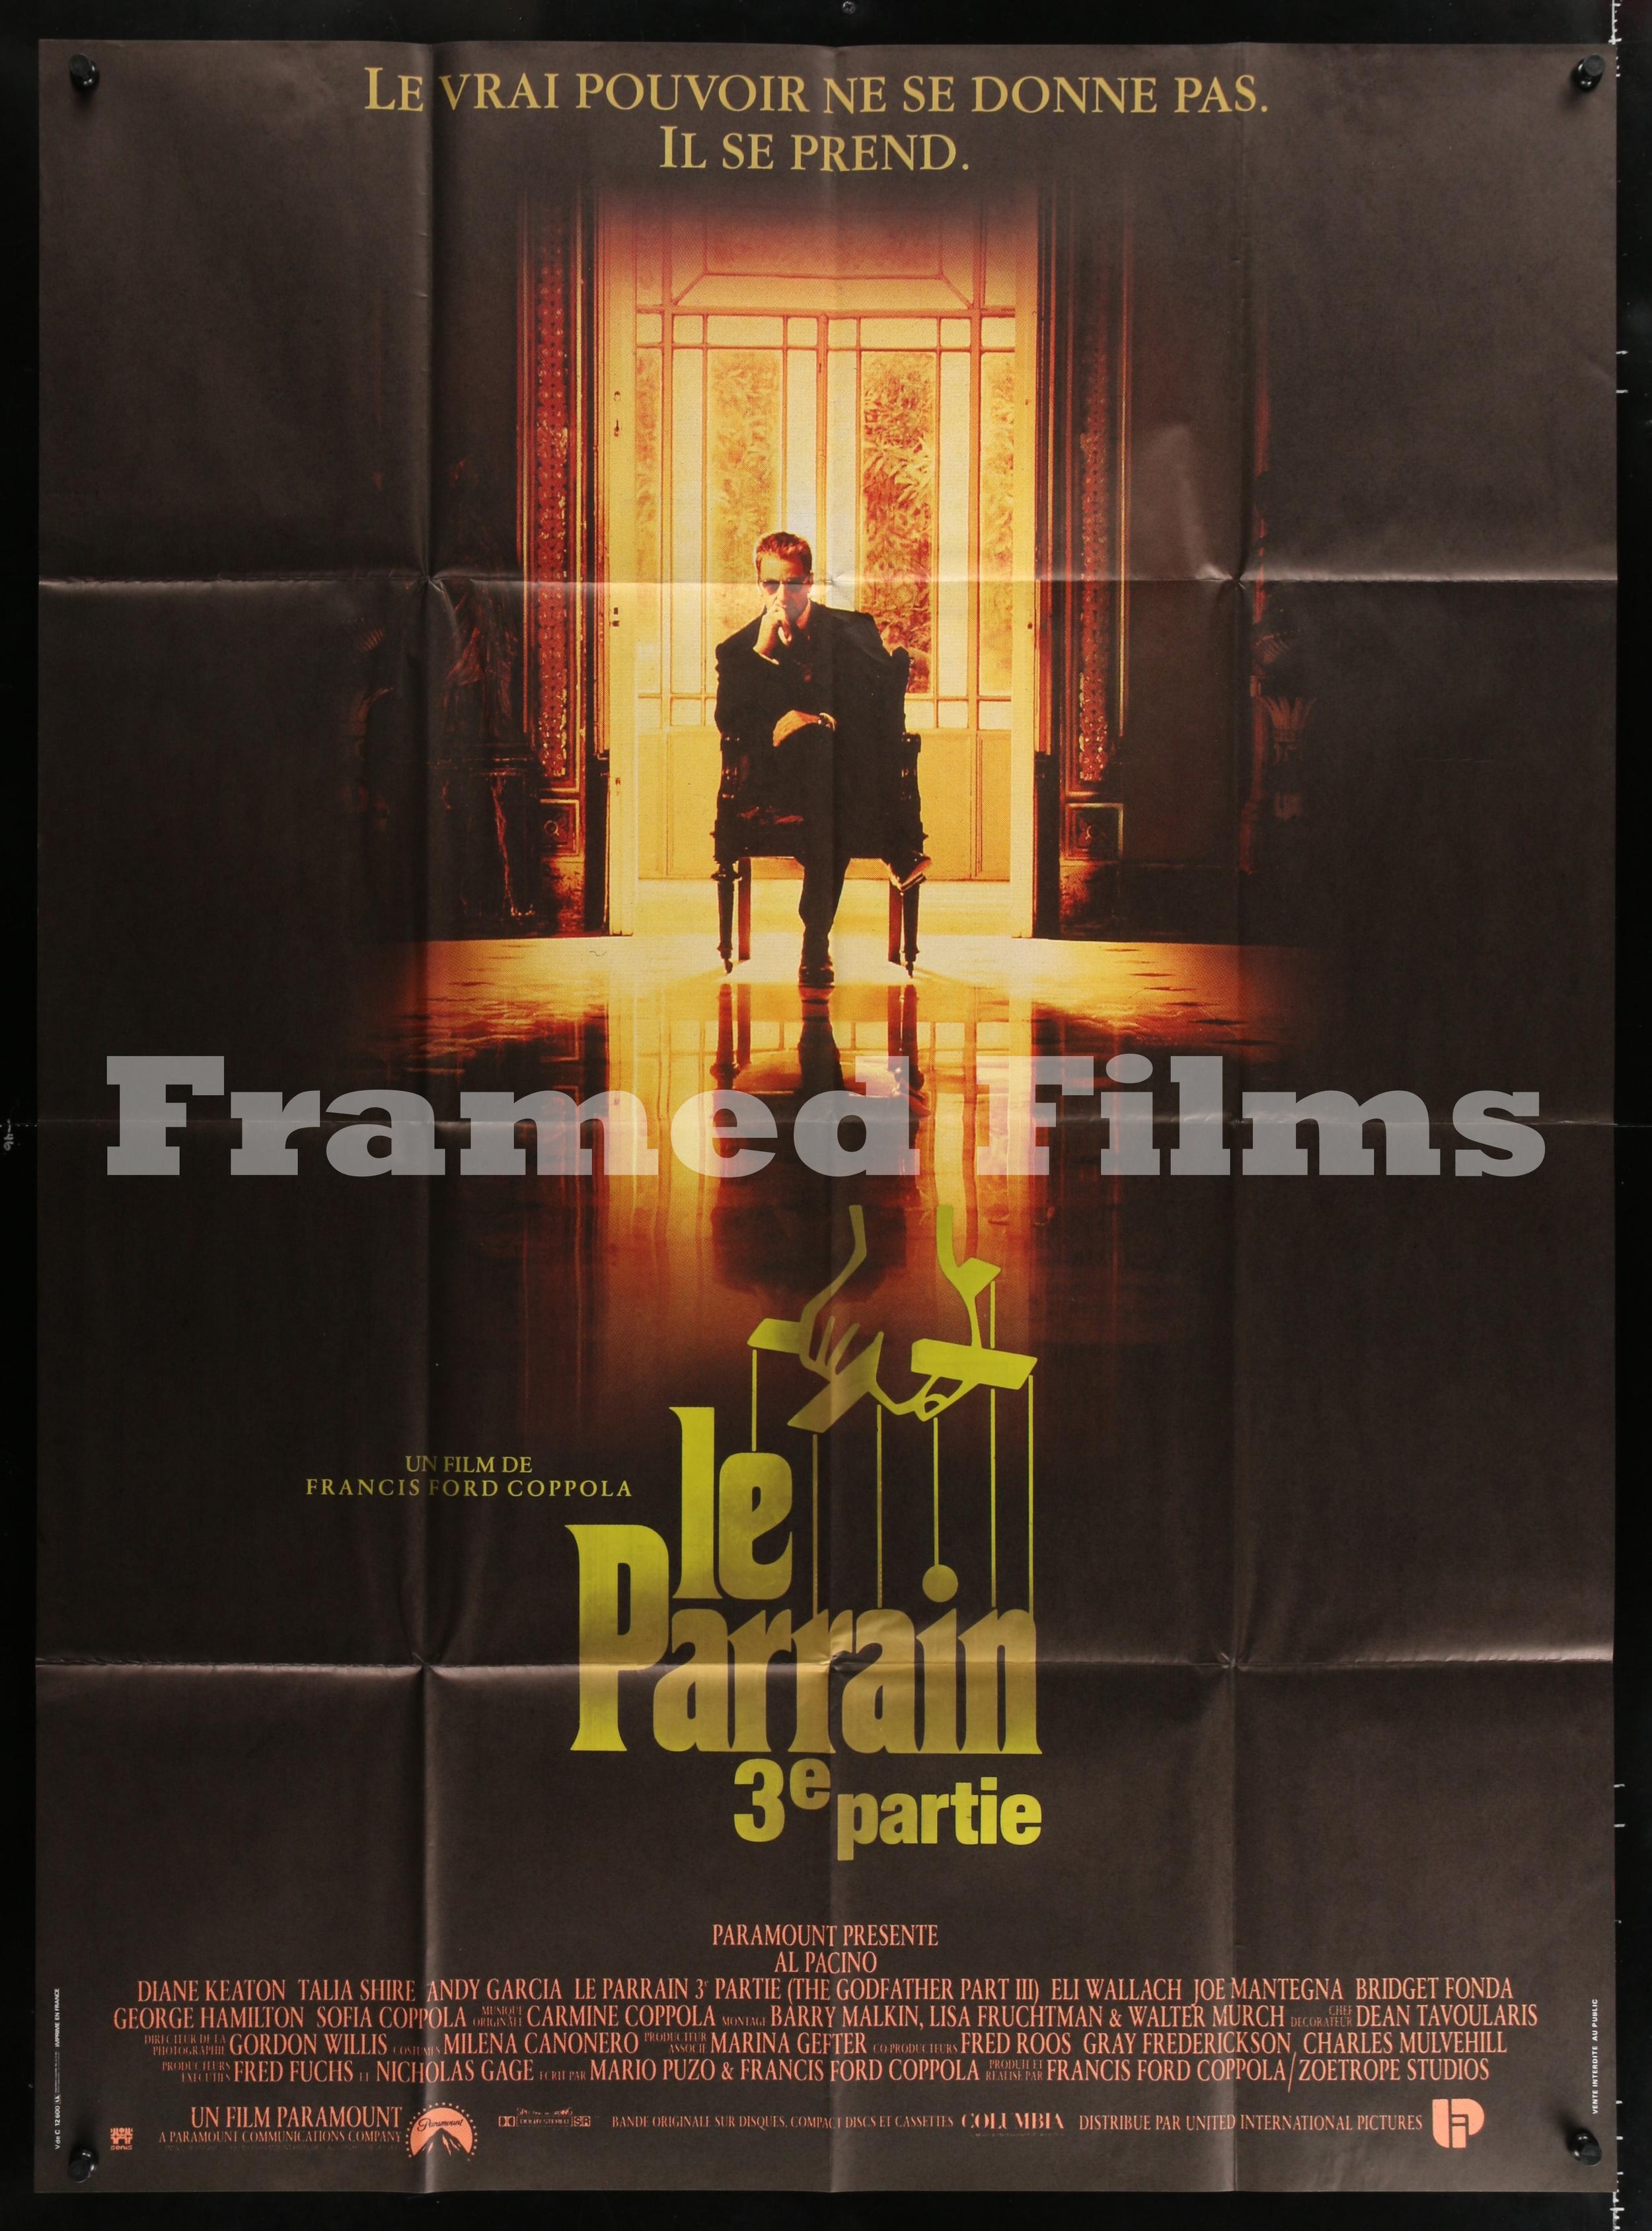 french_1p_godfather_part_iii_BM02907_C.jpg